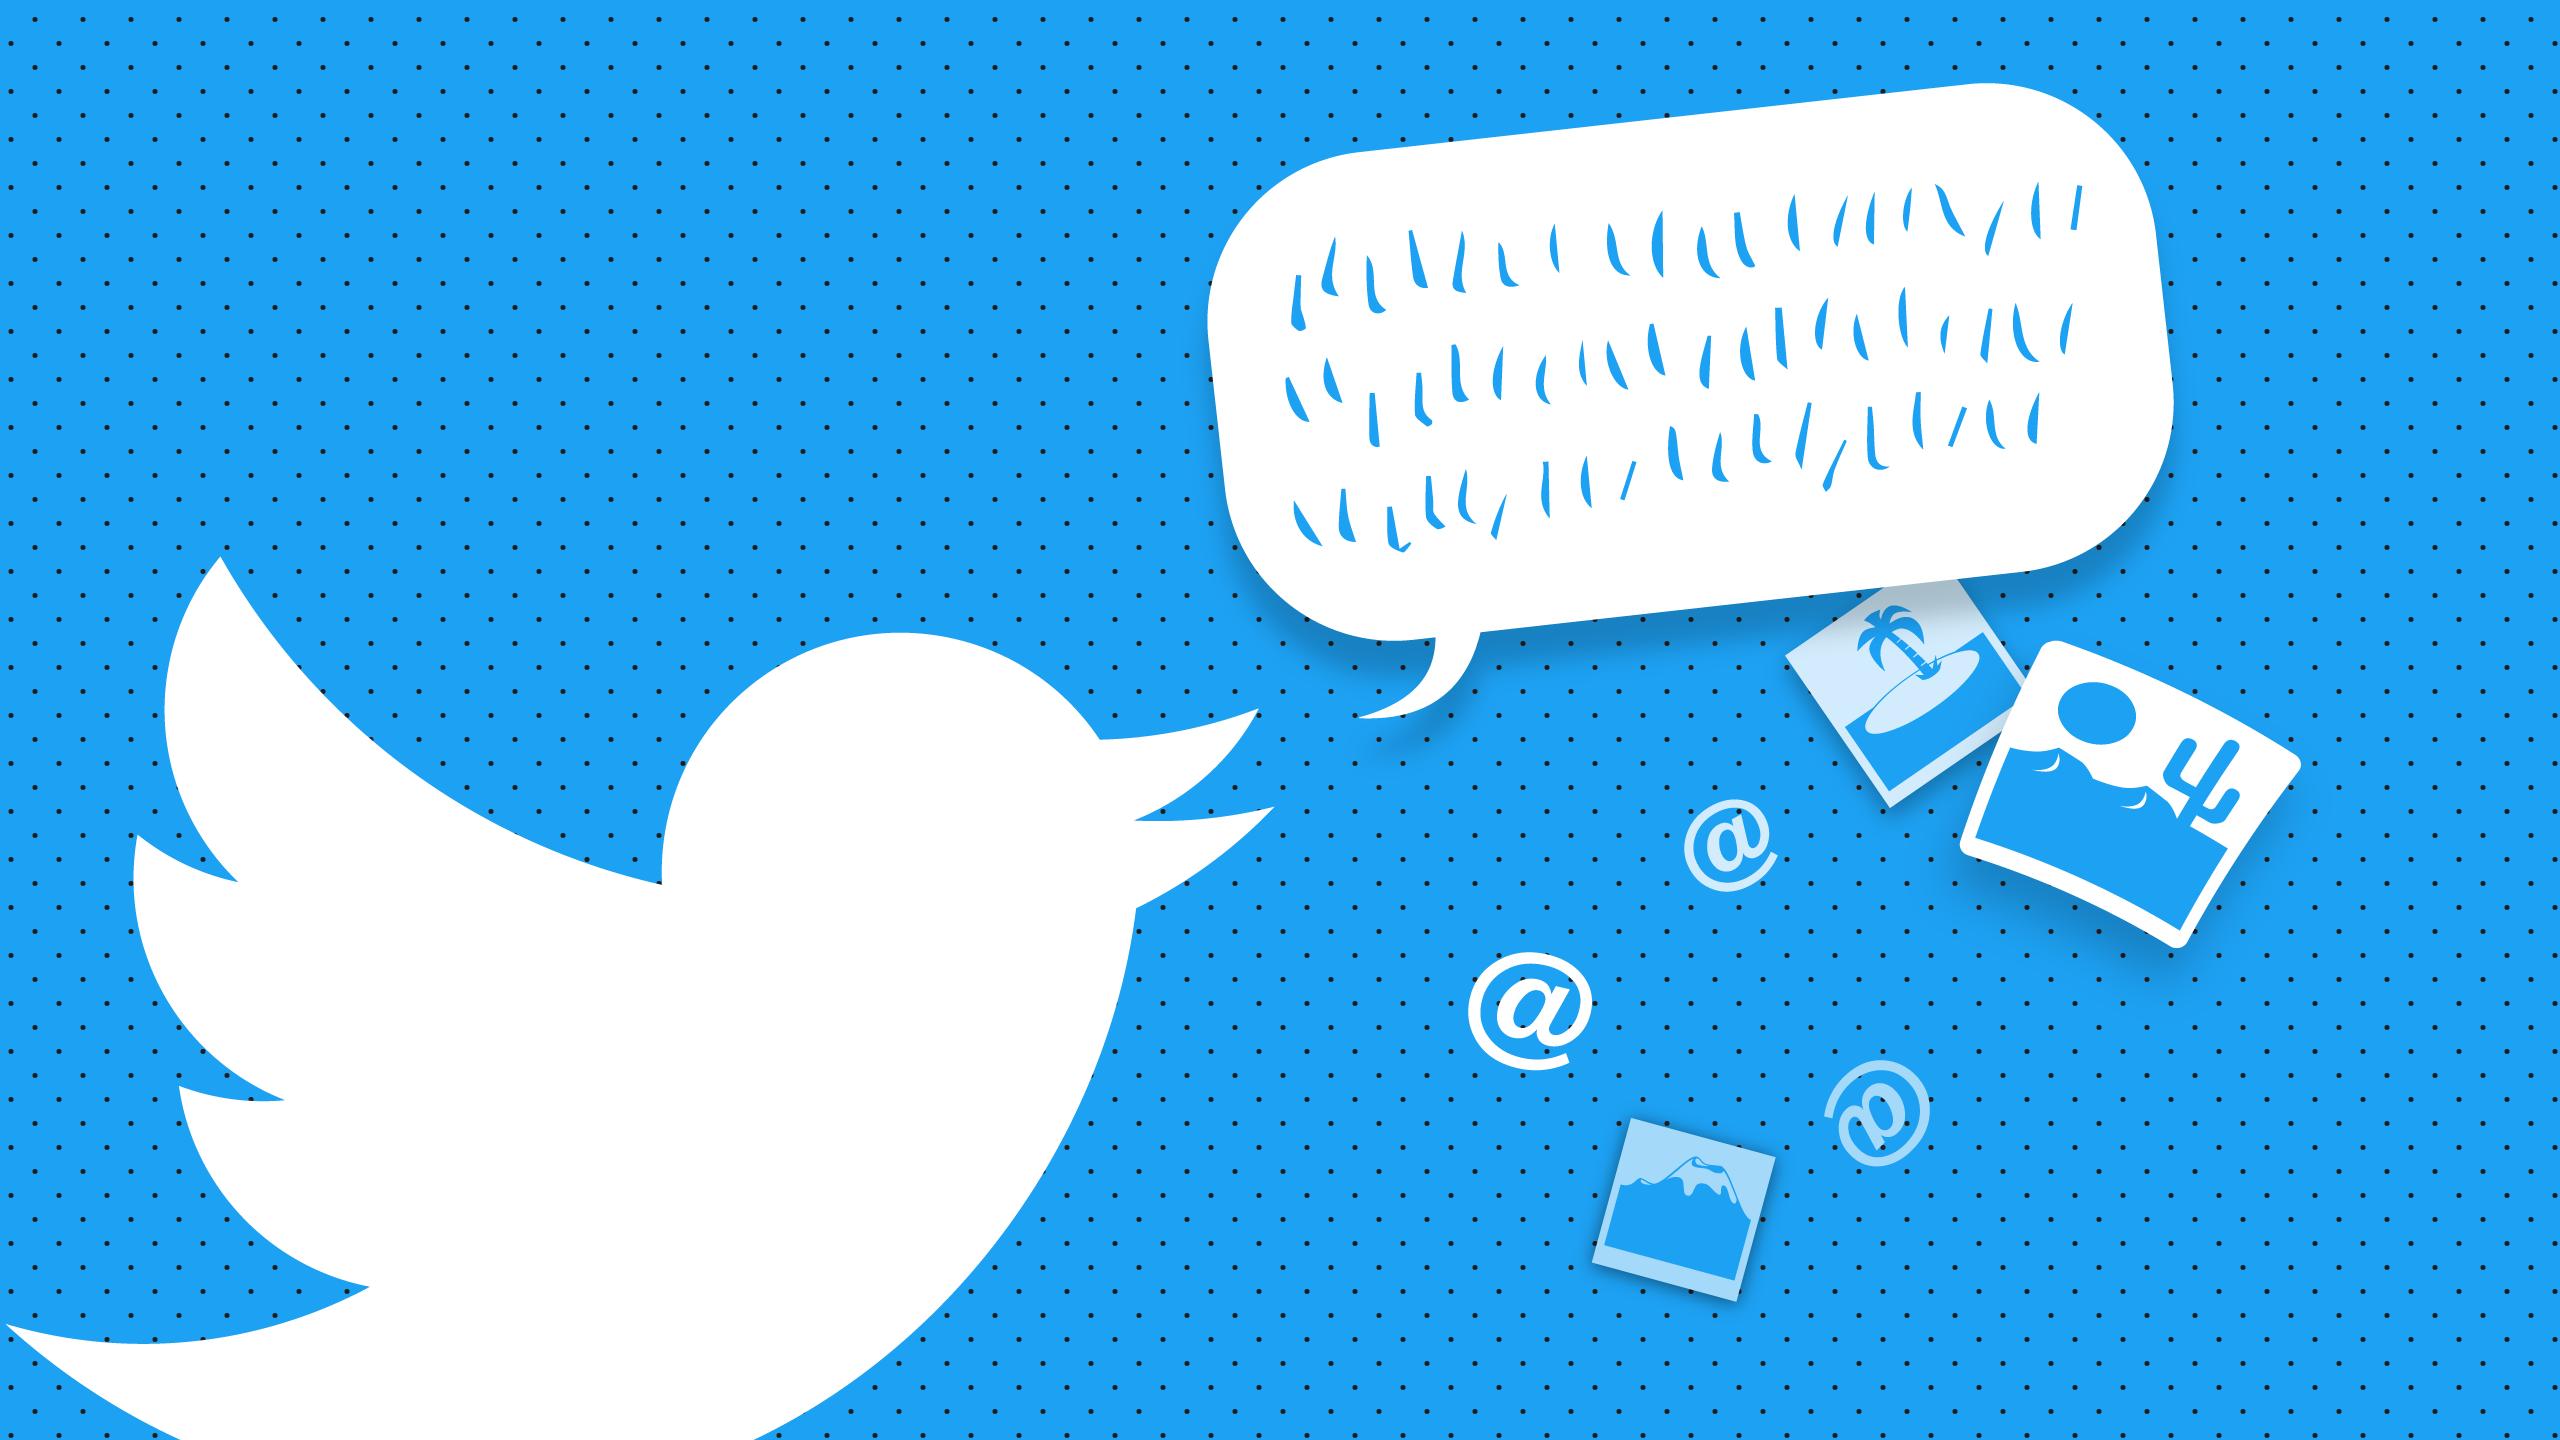 تويتر تلتفت للميديا في مطلع 2018 : تسهيل التقاط ومشاركة الفيديو و طريقة جديدة لقص الصور